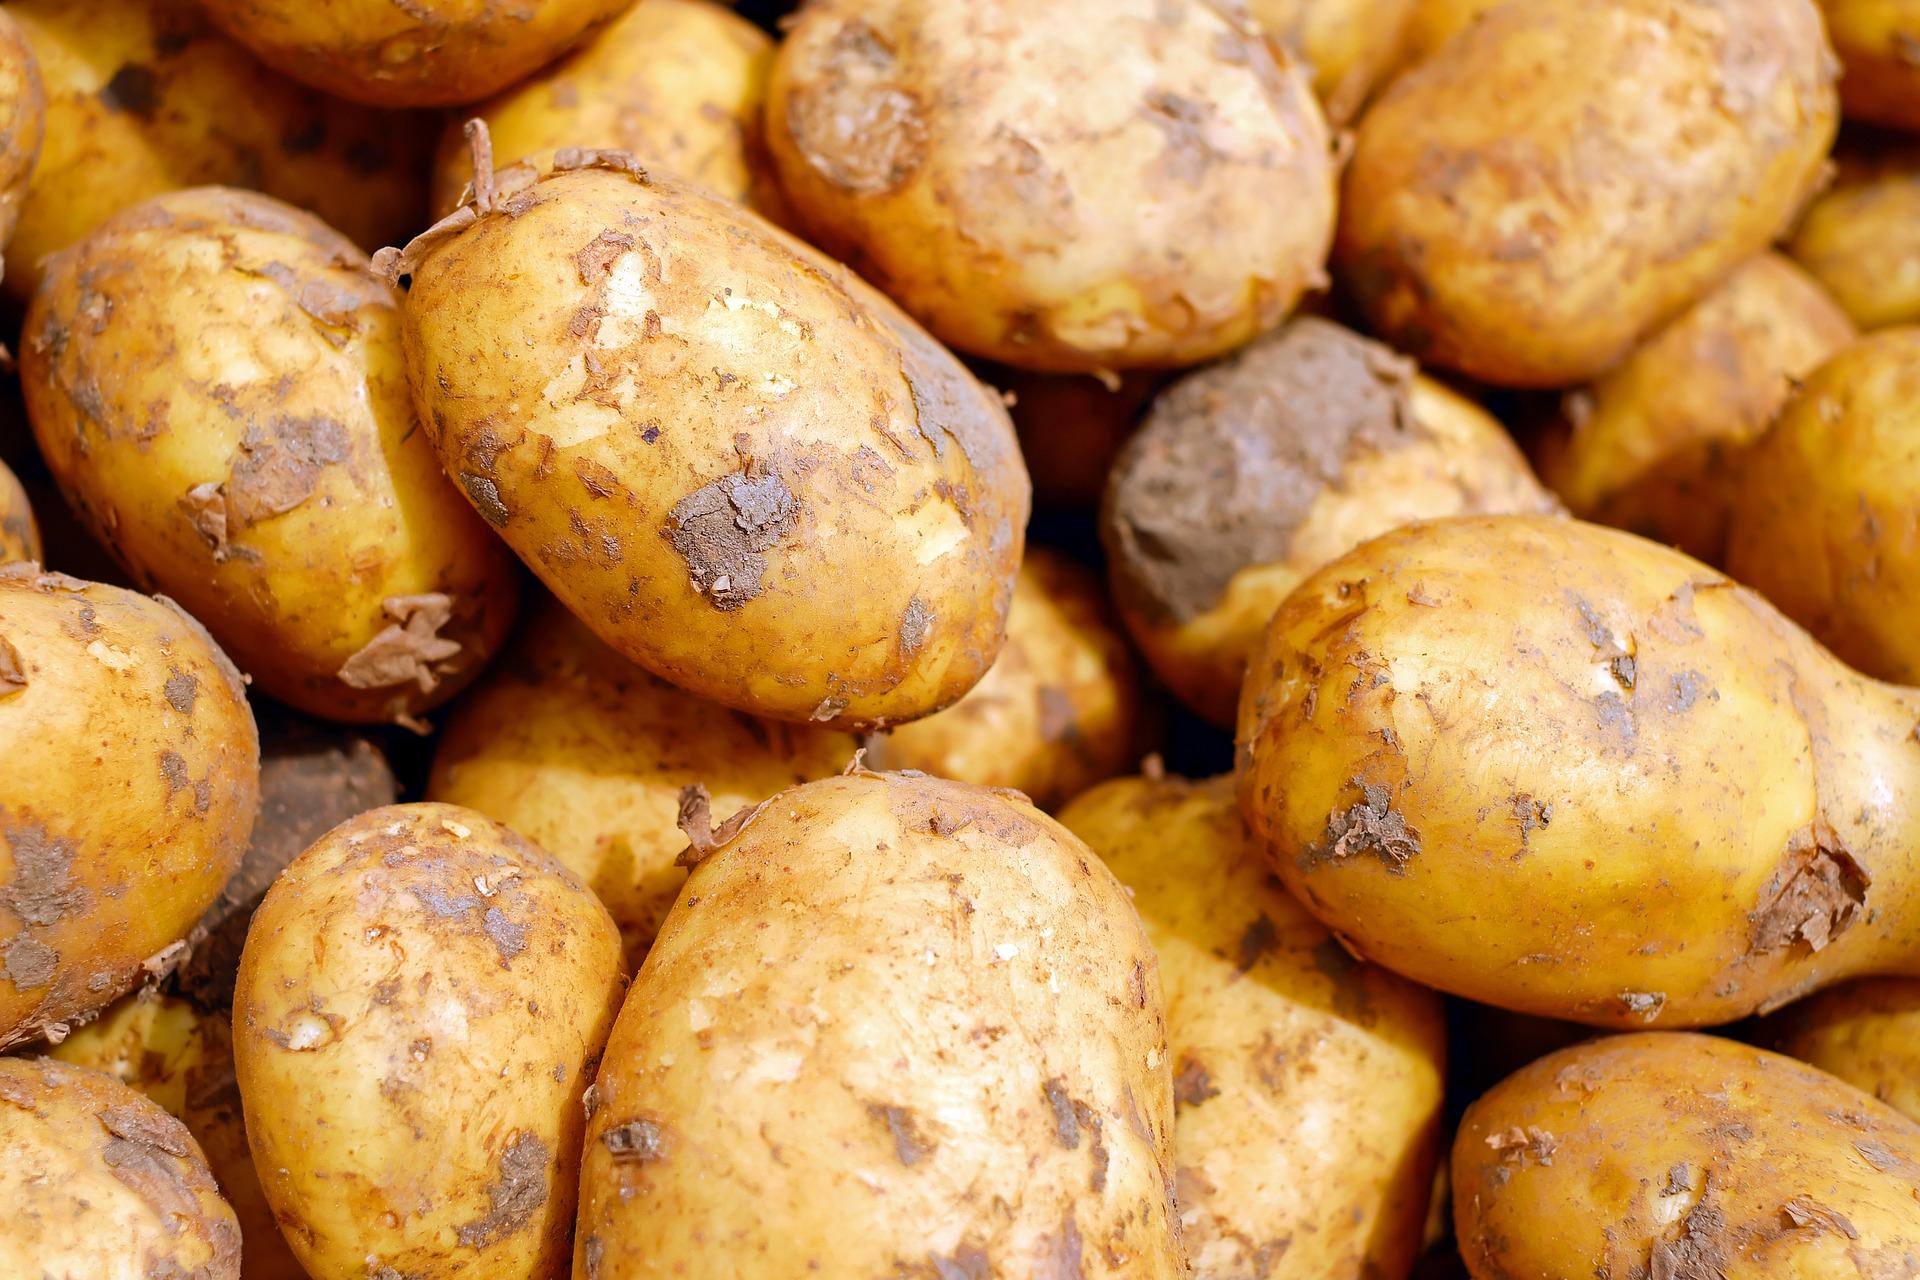 Покупательная способность севастопольцев в расчете на картофель является одной из самых низких в РФ